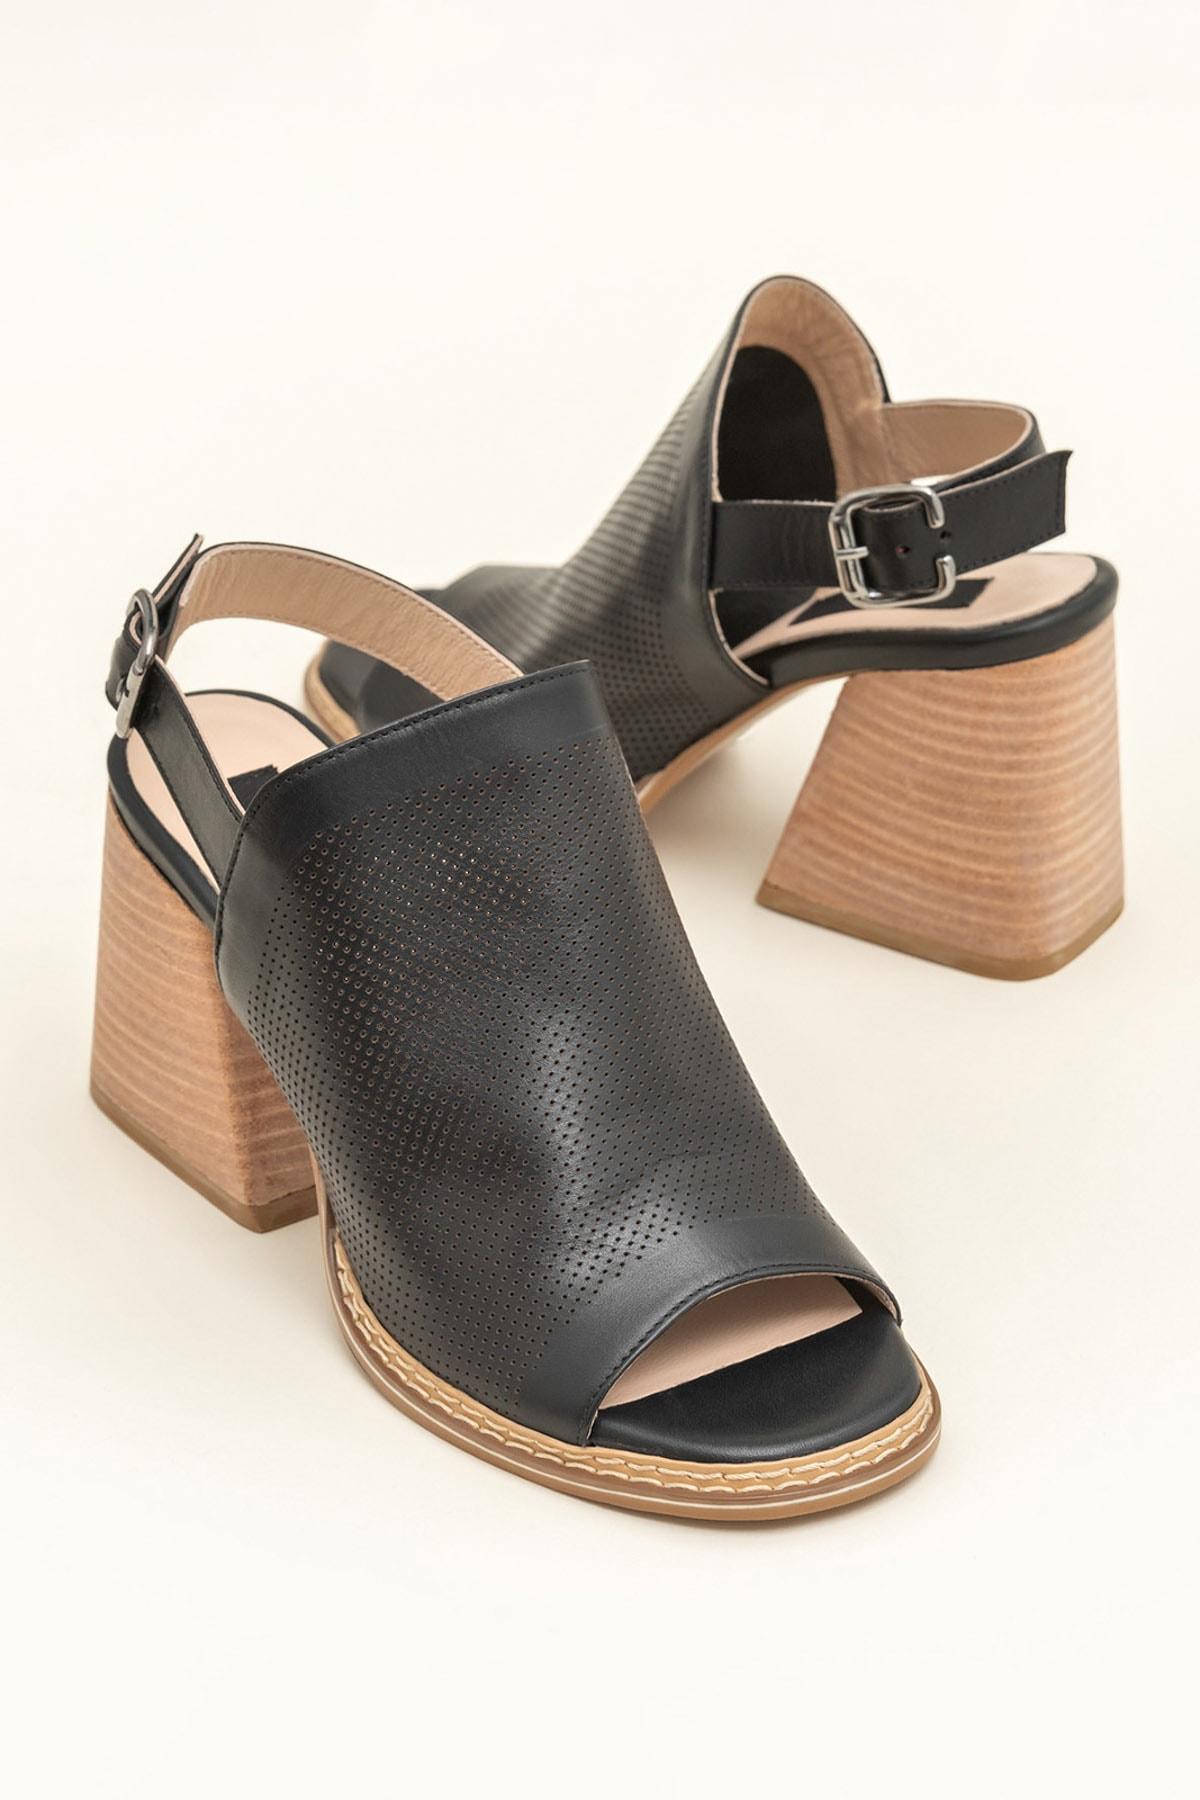 Elle Shoes PATRA Hakiki Deri Siyah Kadın Sandalet 1